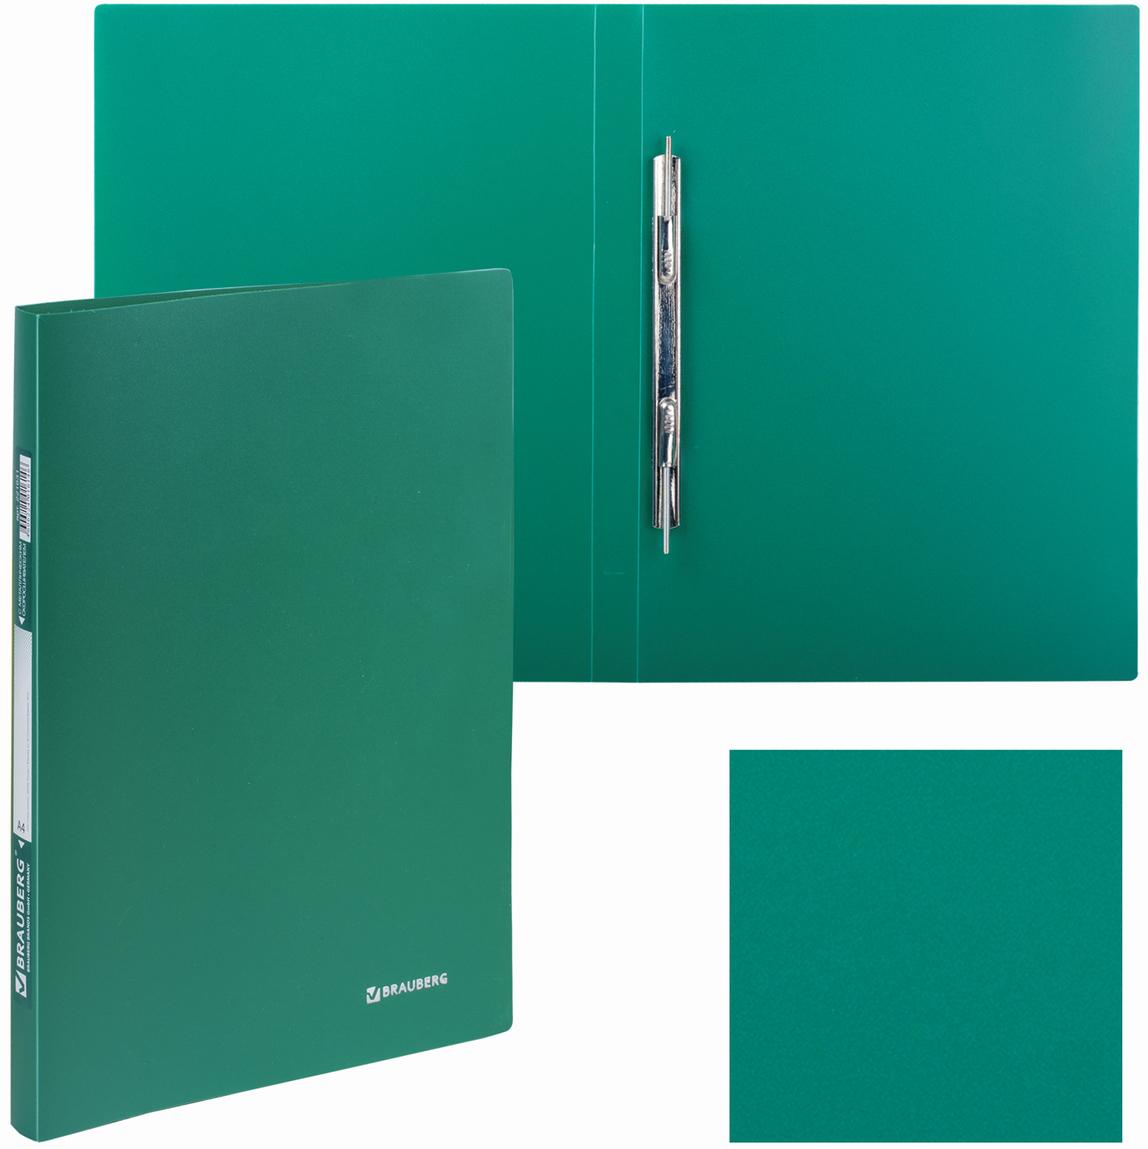 Brauberg Стандарт цвет зеленый 221631221631Папка с металлическим пружинным скоросшивателем предназначена для хранения перфорированных документов. Папка изготовлена из плотного непрозрачного пластика.